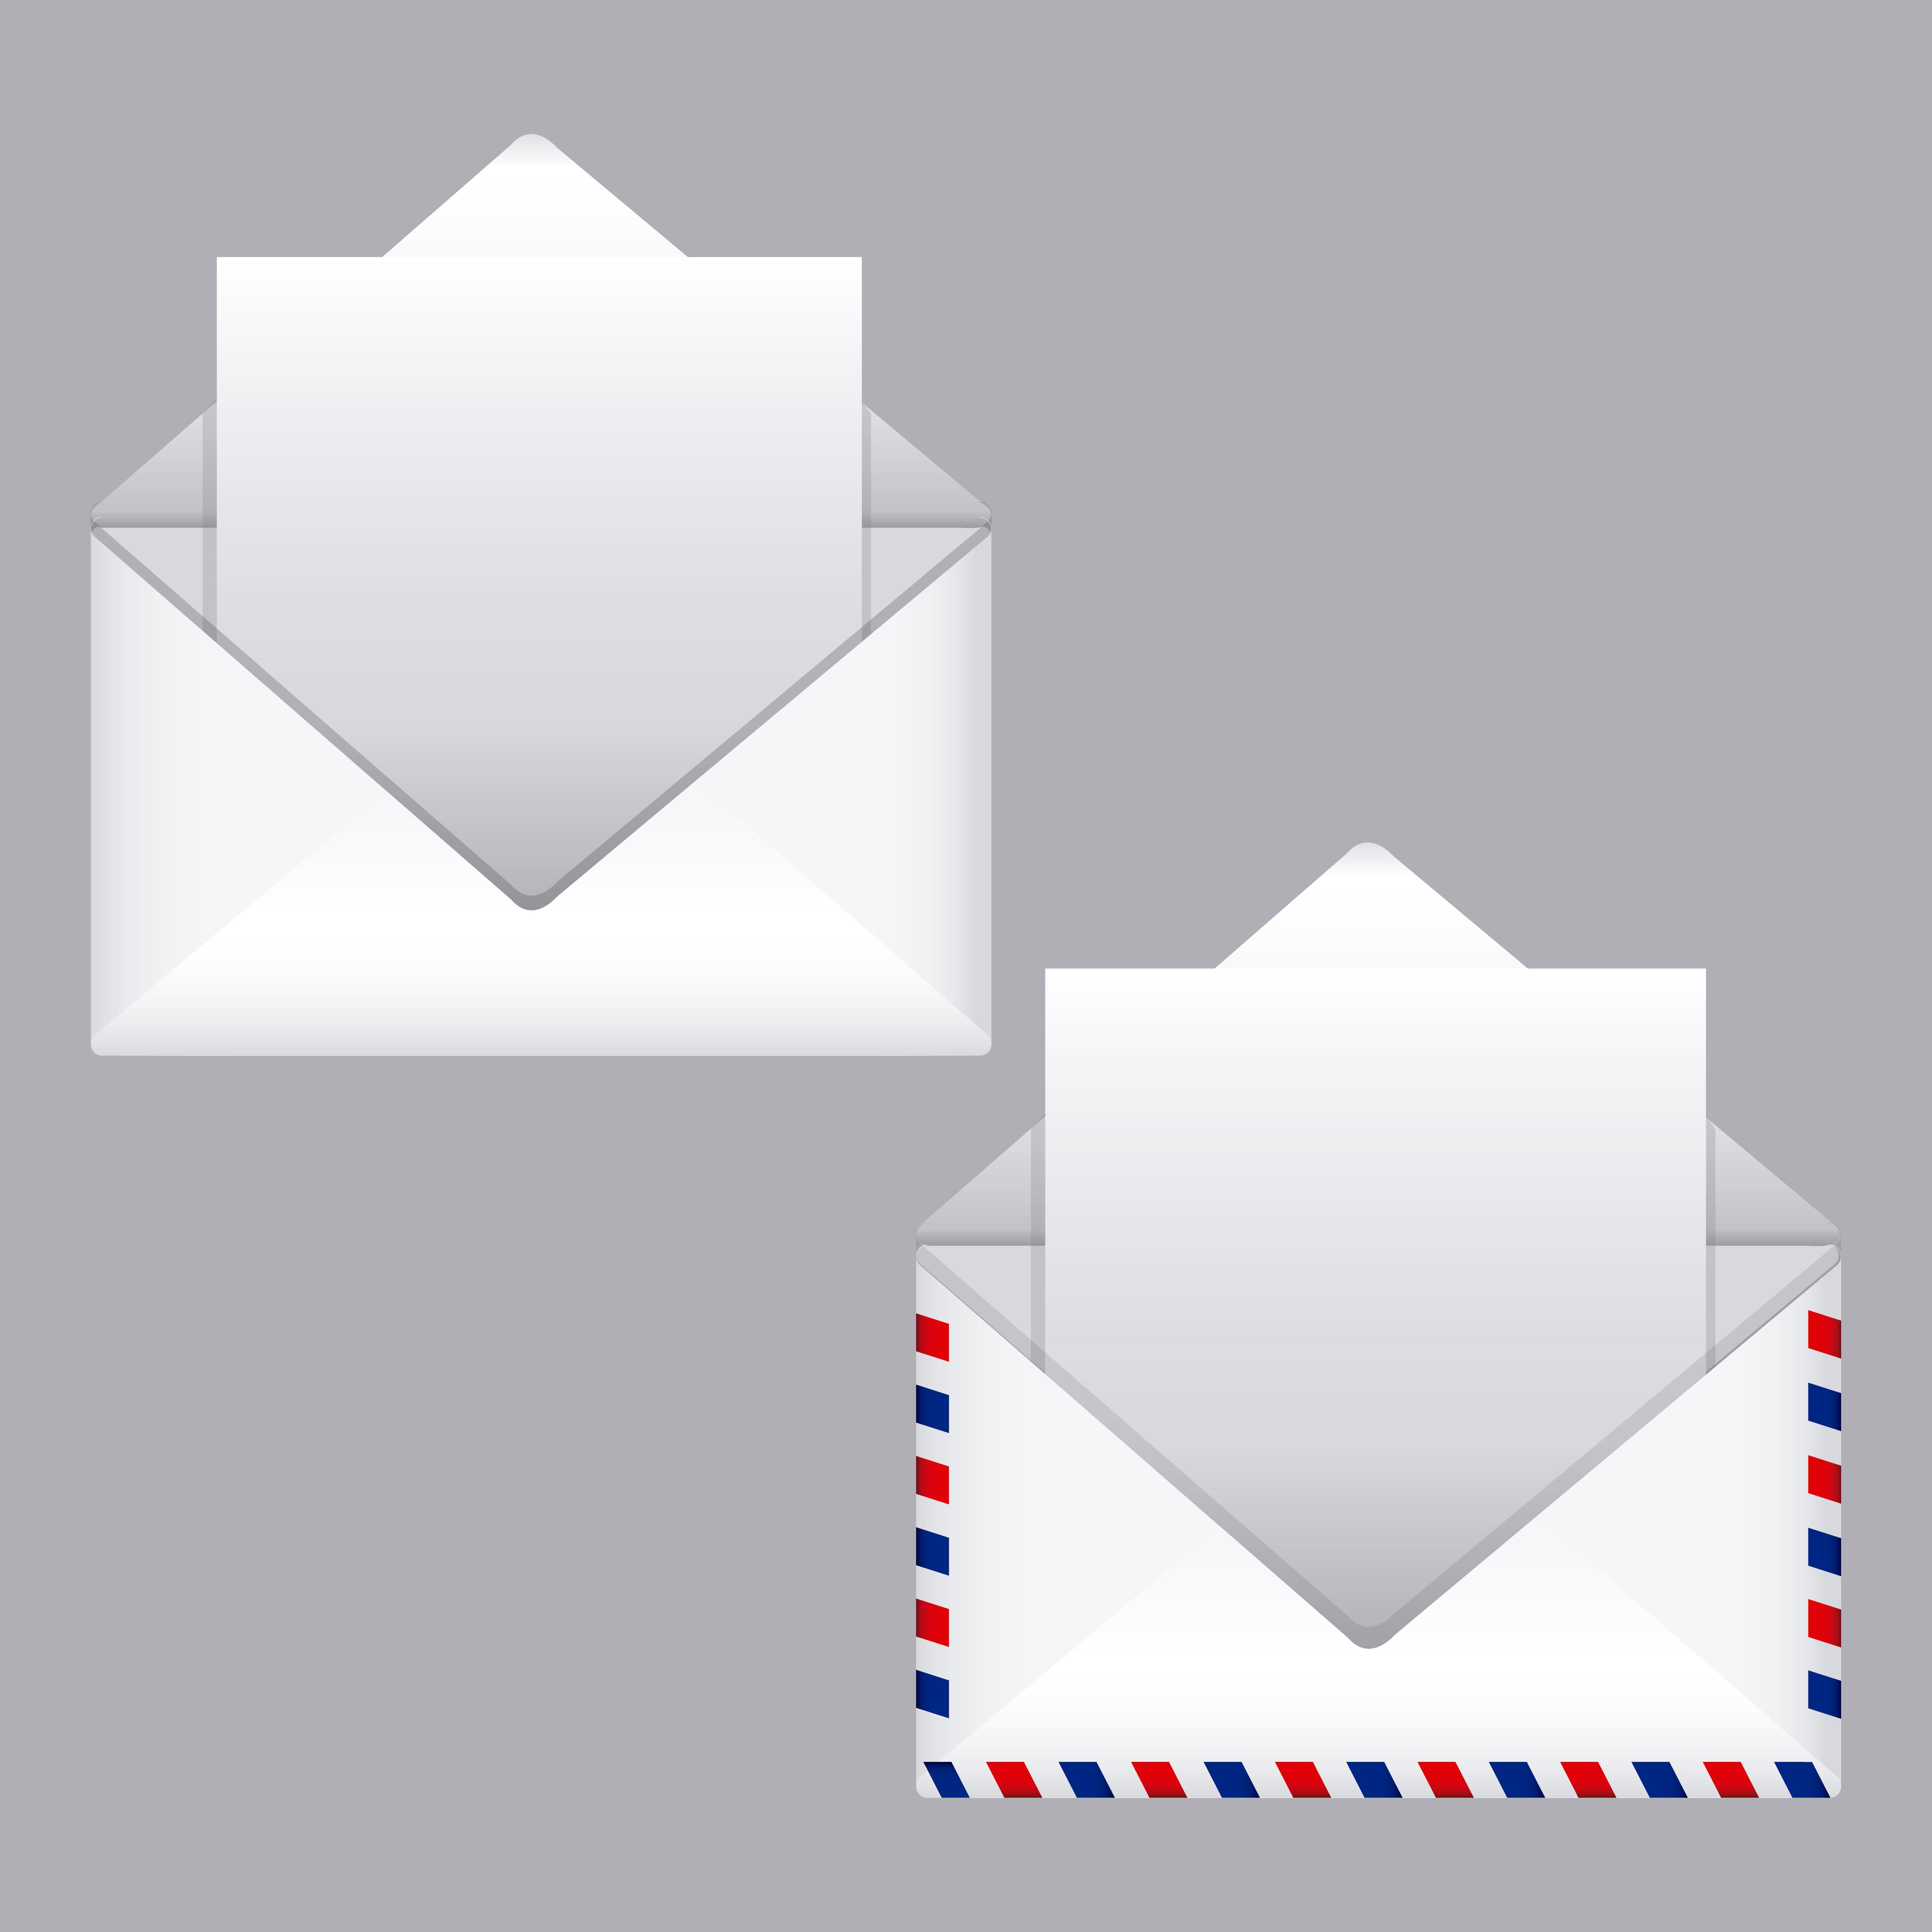 Briefumschlag Beschriften Für Das Brautpaar : Briefumschlag beschriften und ausdrucken vorlage für post